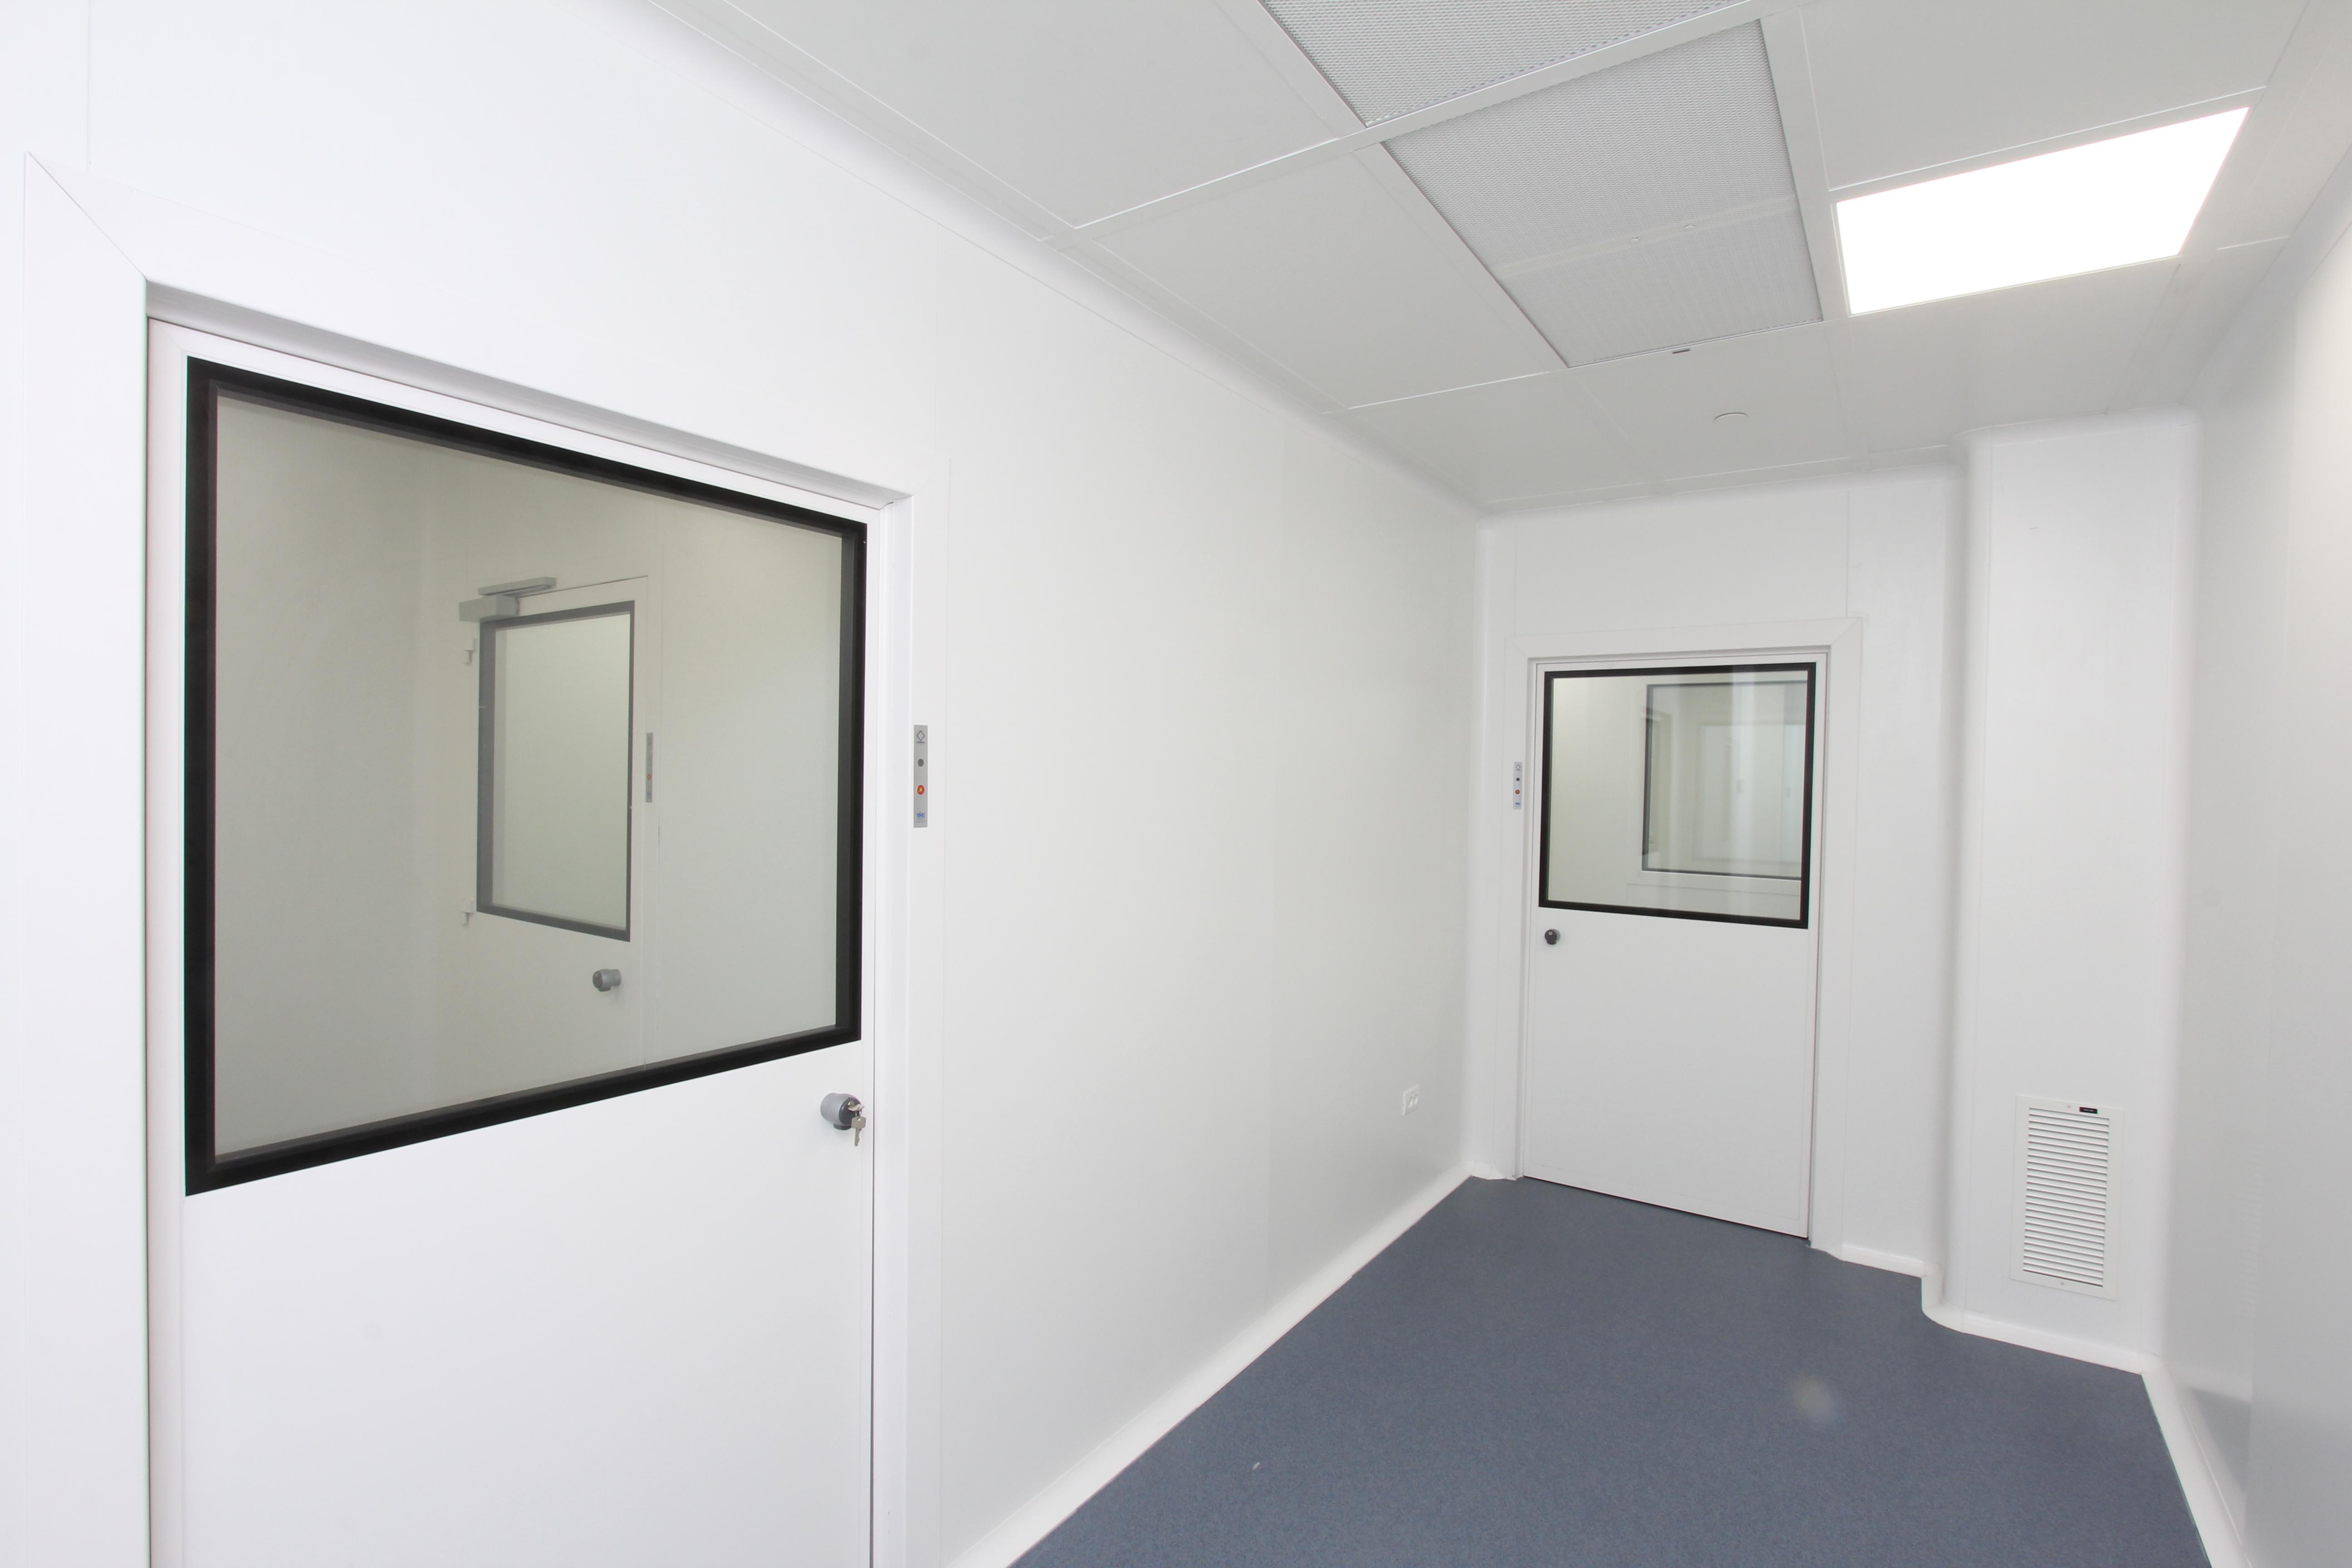 קאנאשור - מעבדות ייצור  חלון צפיה לחדרים נקיים